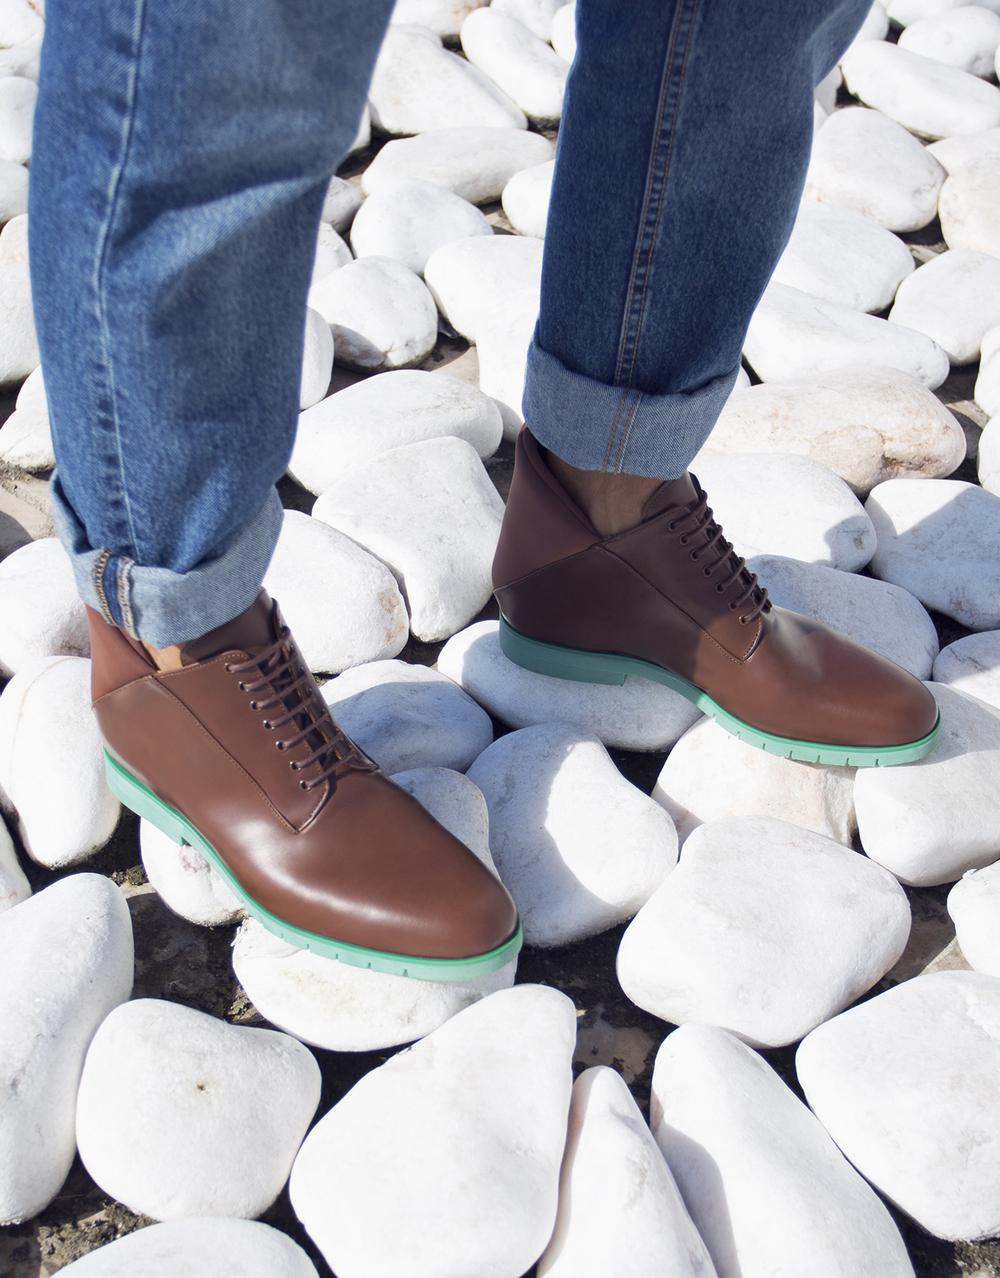 Minimalist unisex footwear by Freakloset